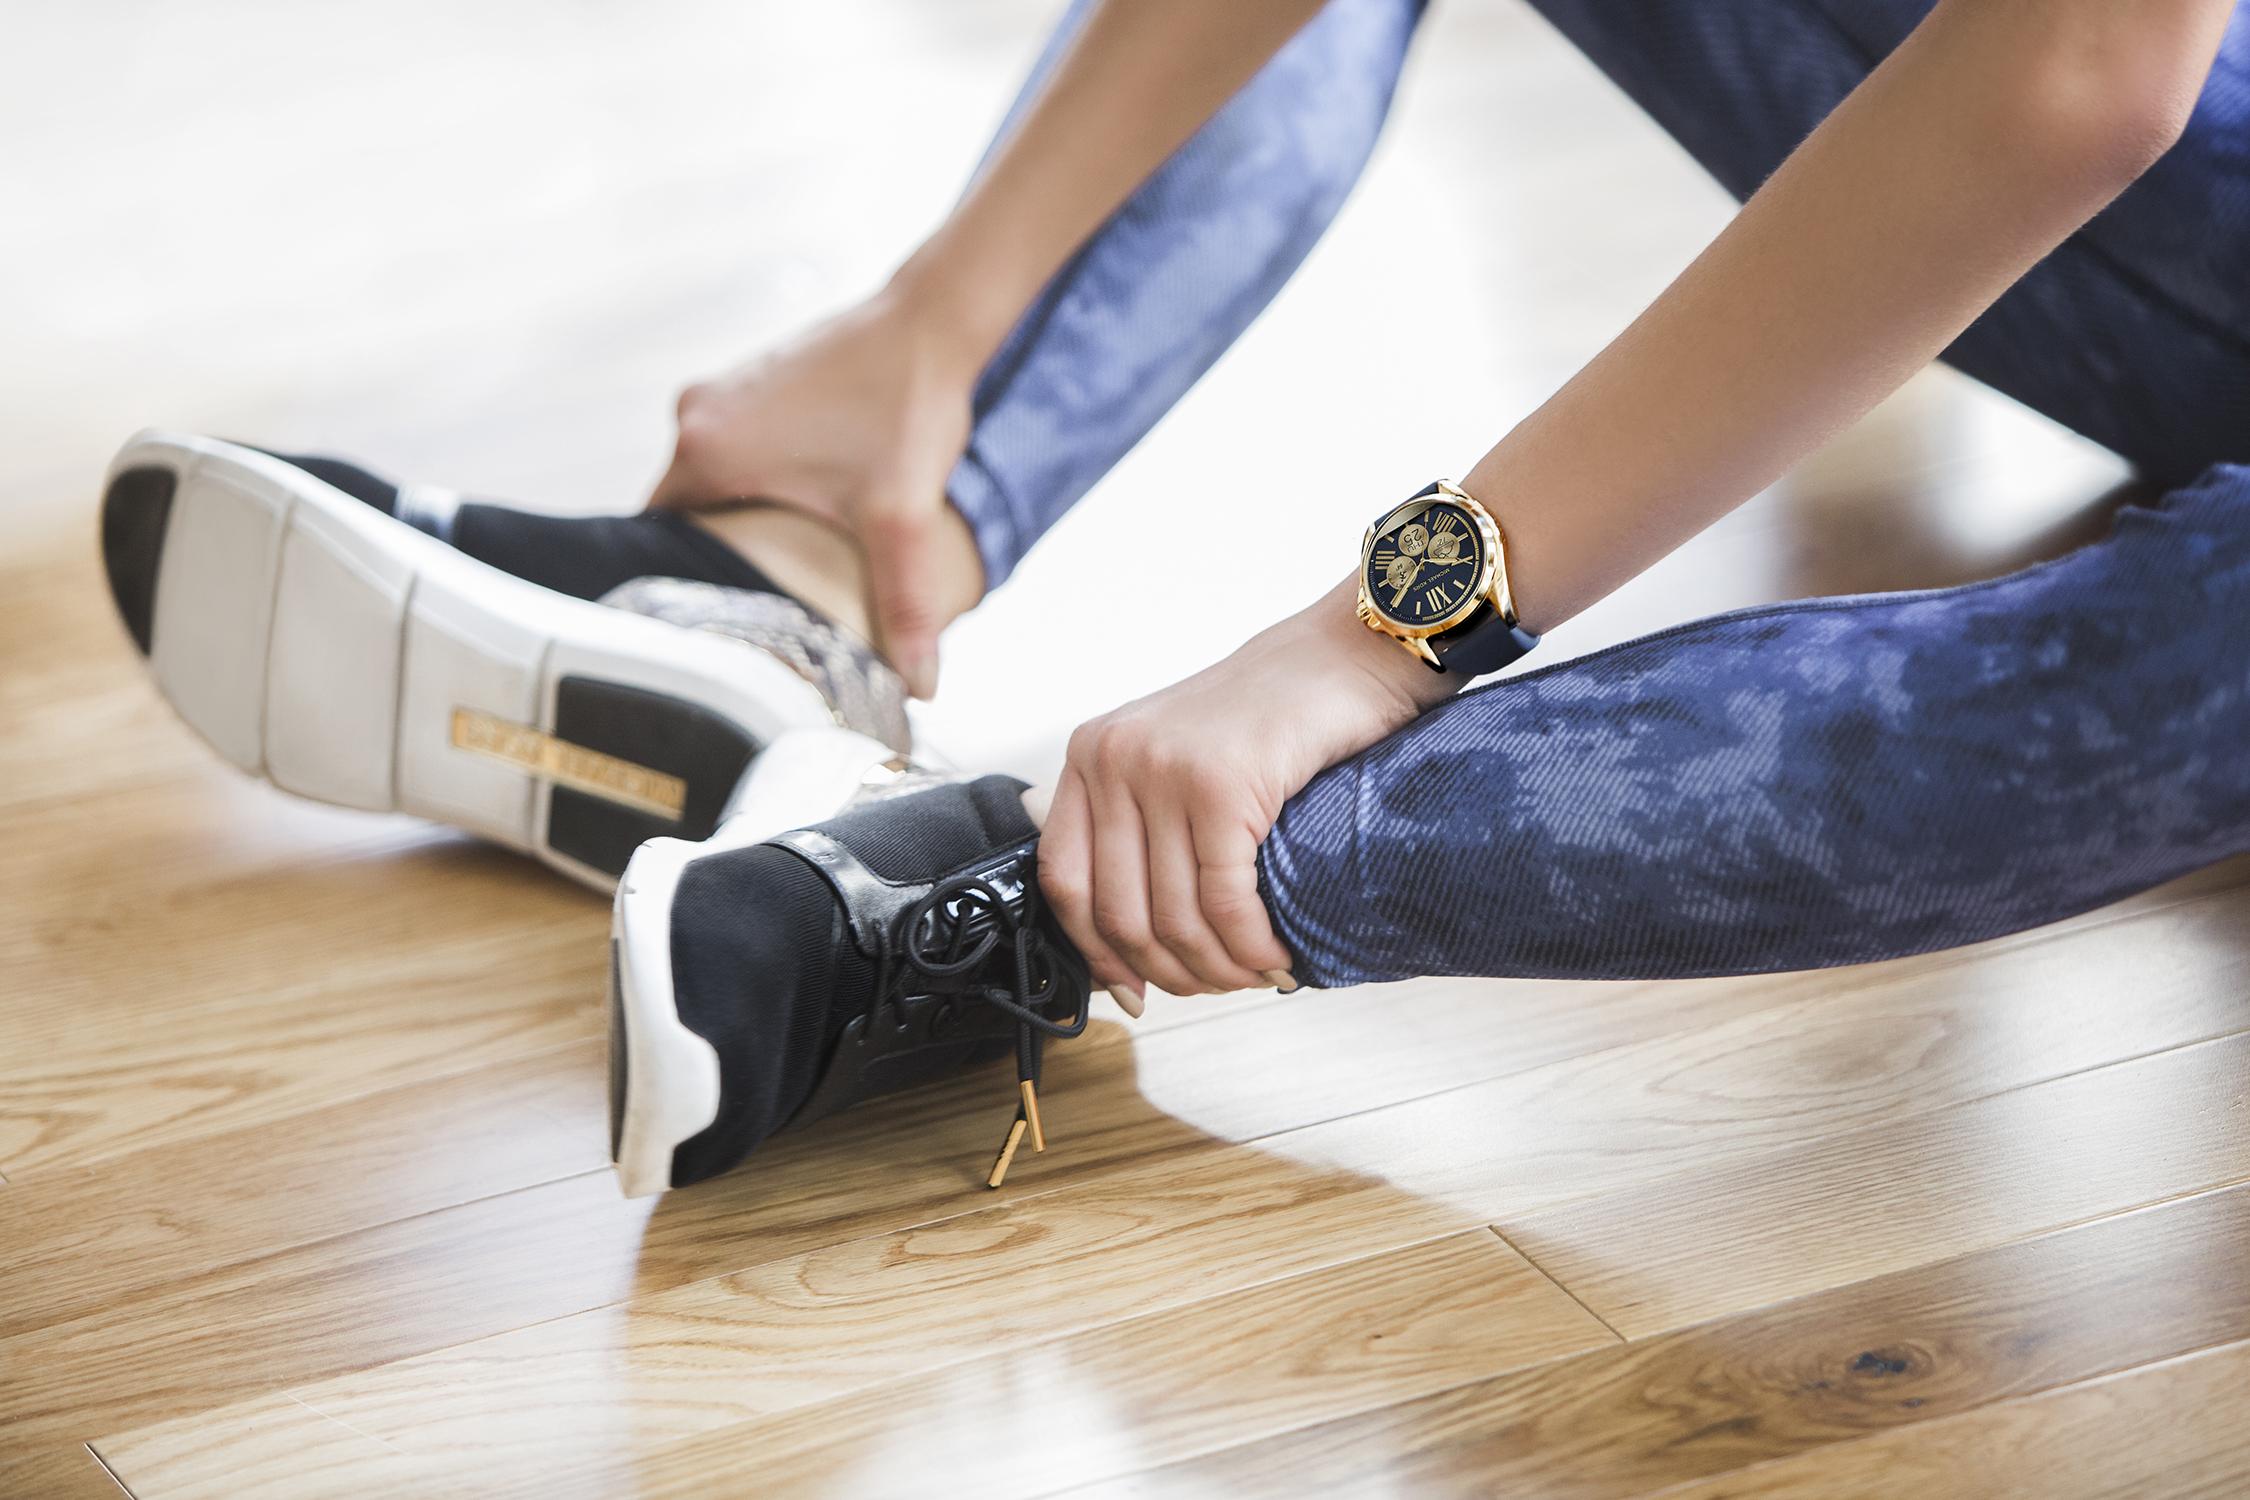 Michael Kors Smart Watch - Martha Hunt Zendaya